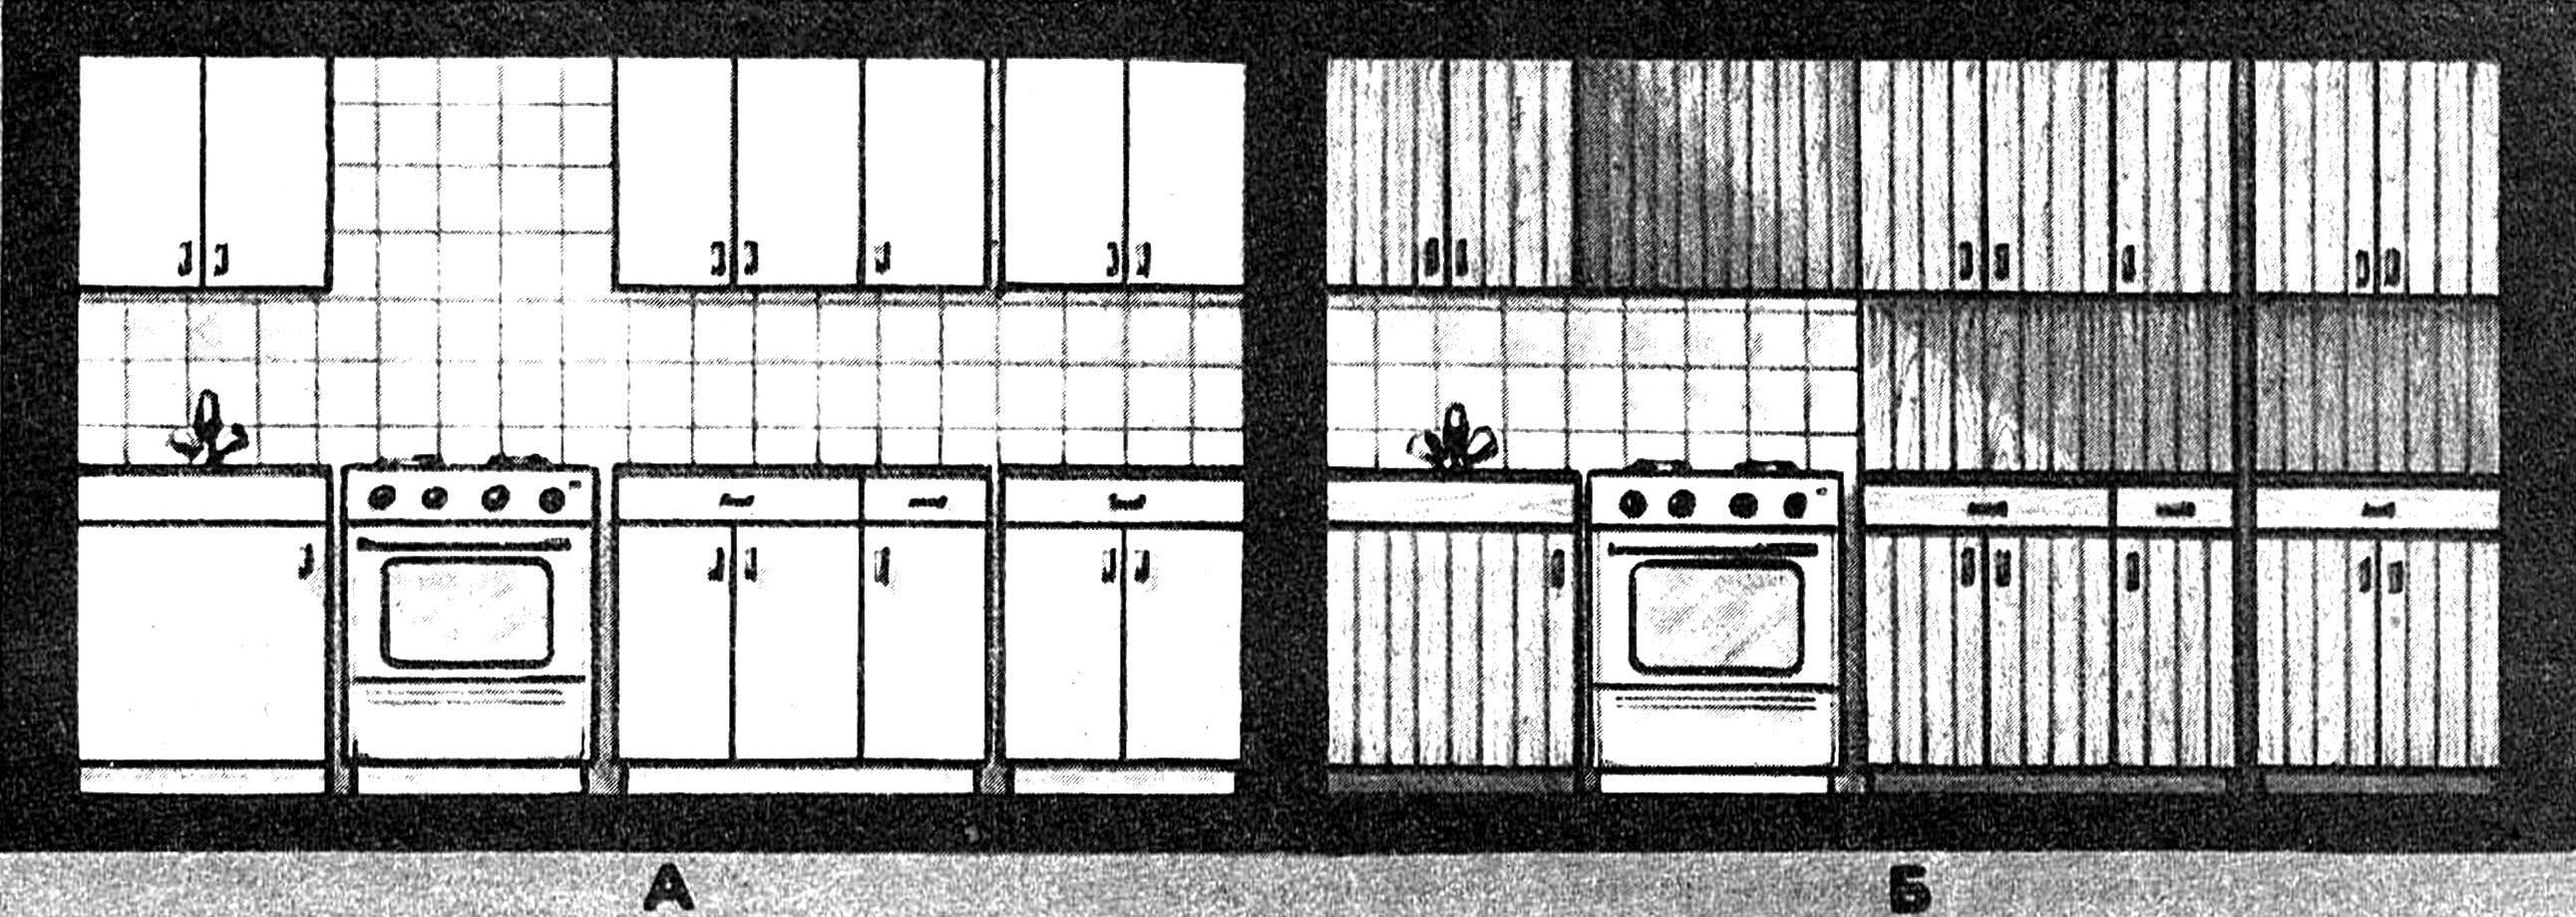 Кухонный гарнитур до реконструкции (А) и после реконструкции (Б).